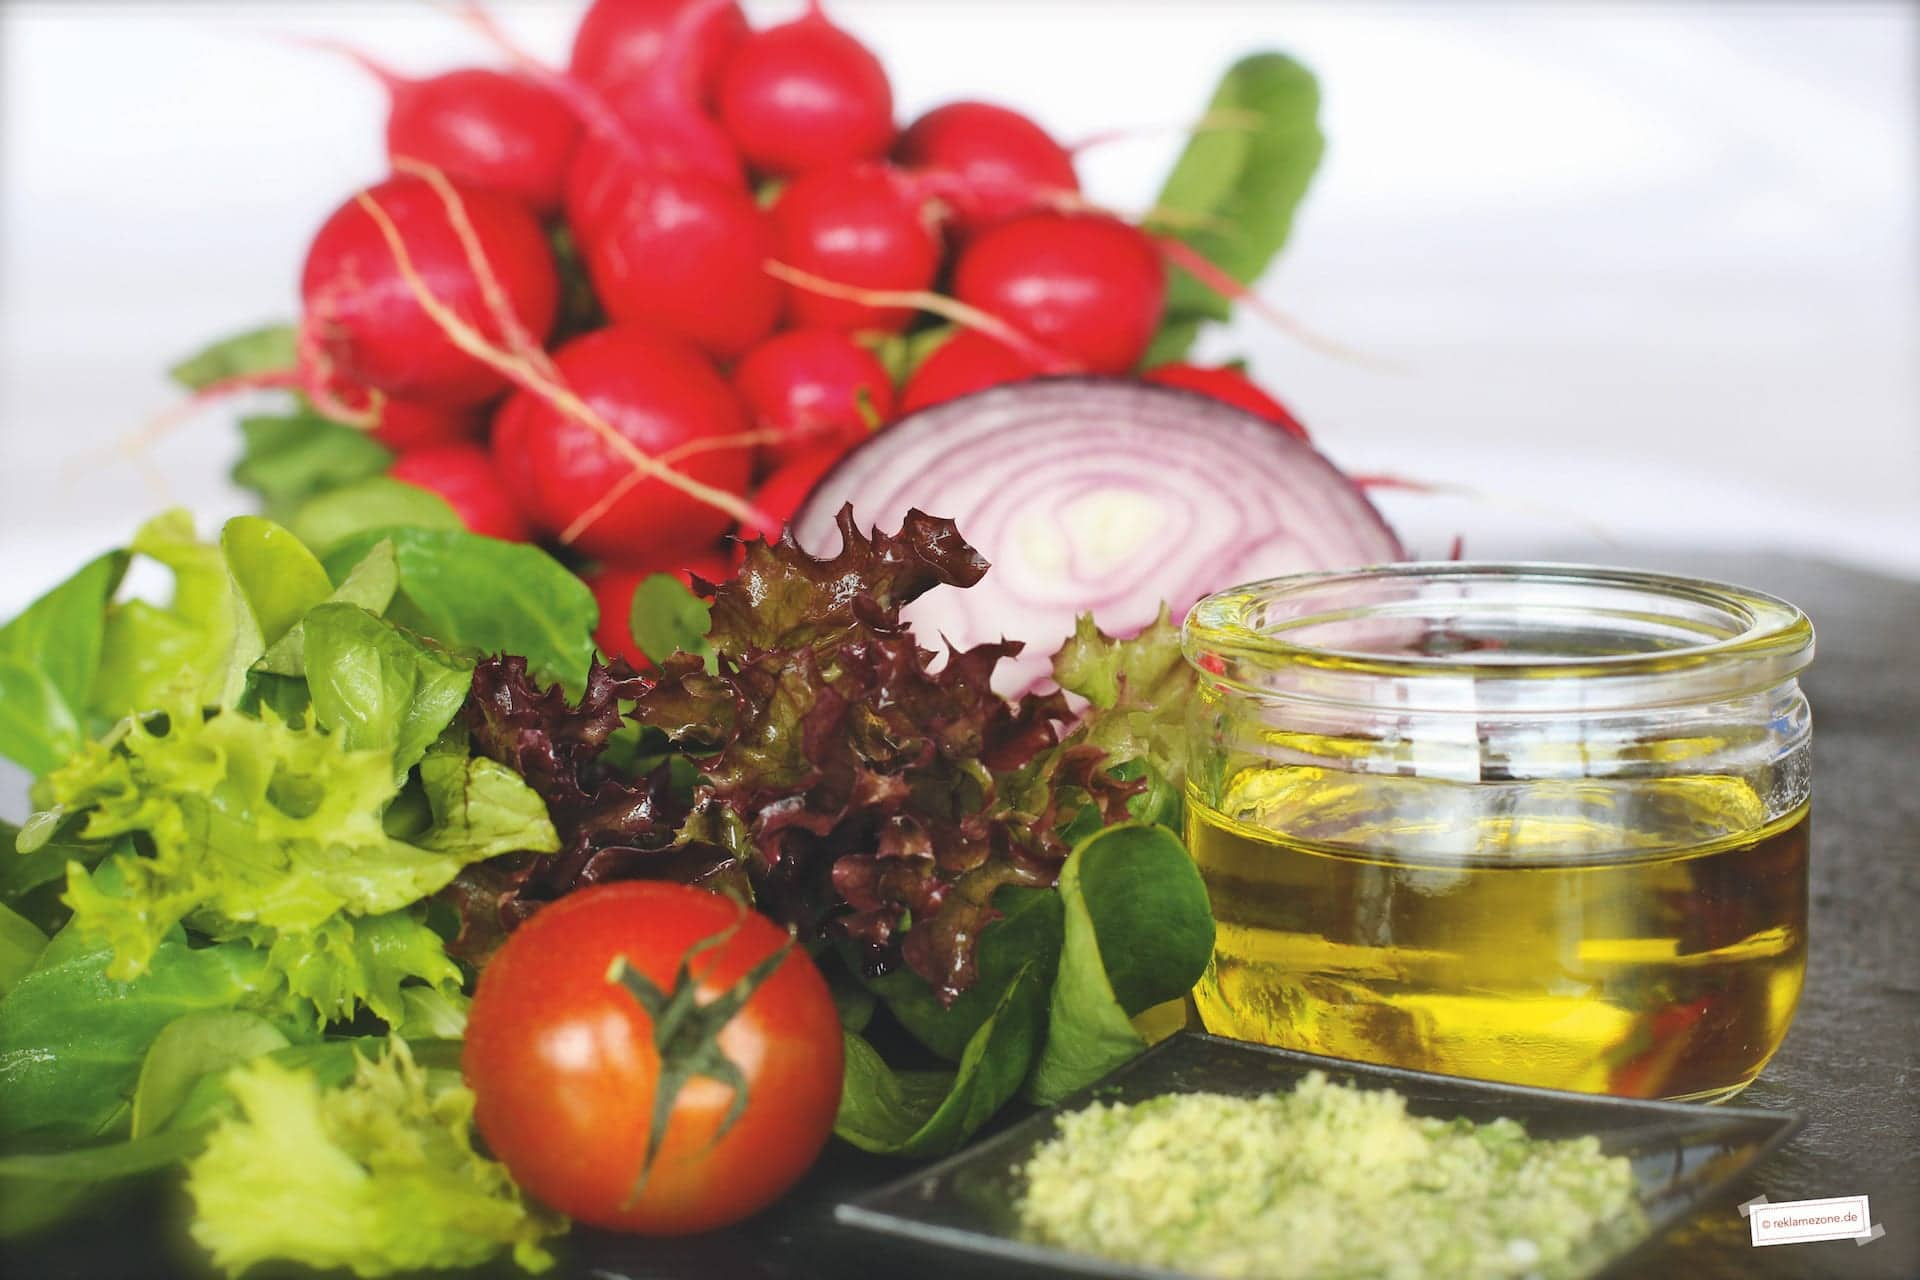 Salatdressing, einfach und schnell - Foto: reklamezone.de